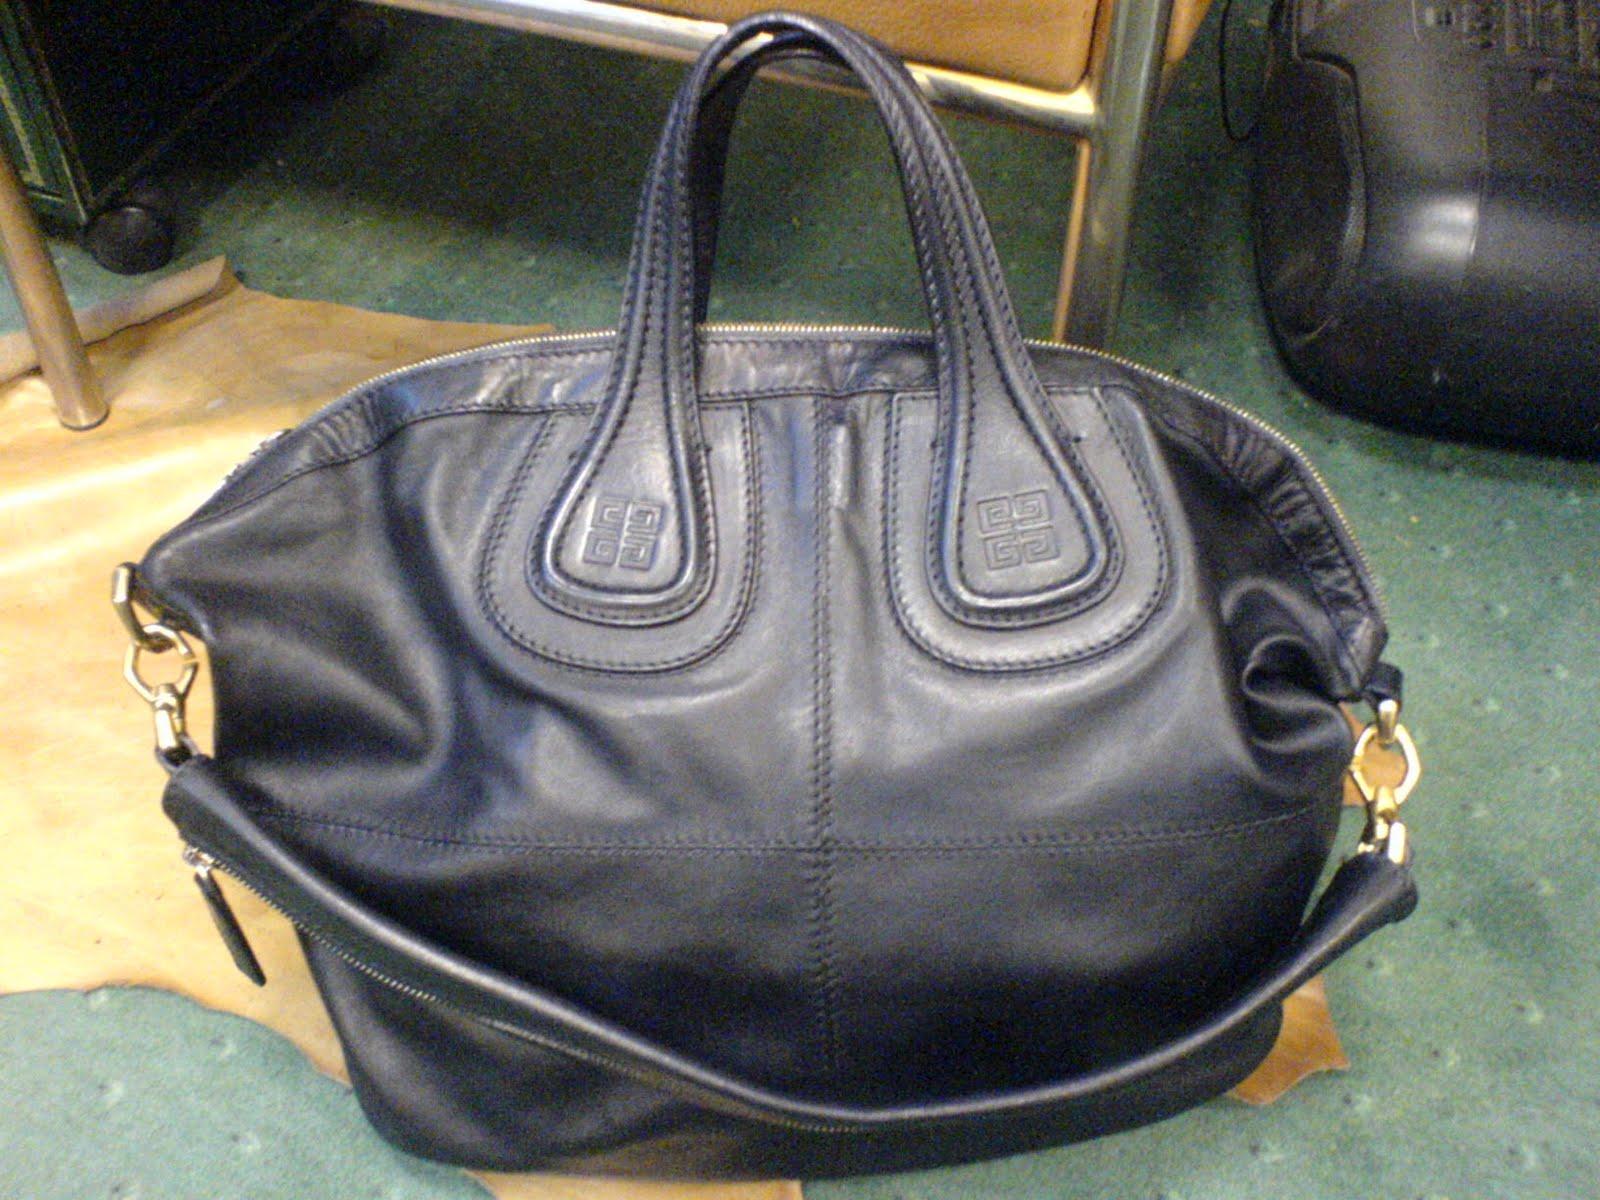 Salon cireur talon rouge paris teinture d 39 un sac givenchy blanc en noir - Teindre un vetement en blanc ...